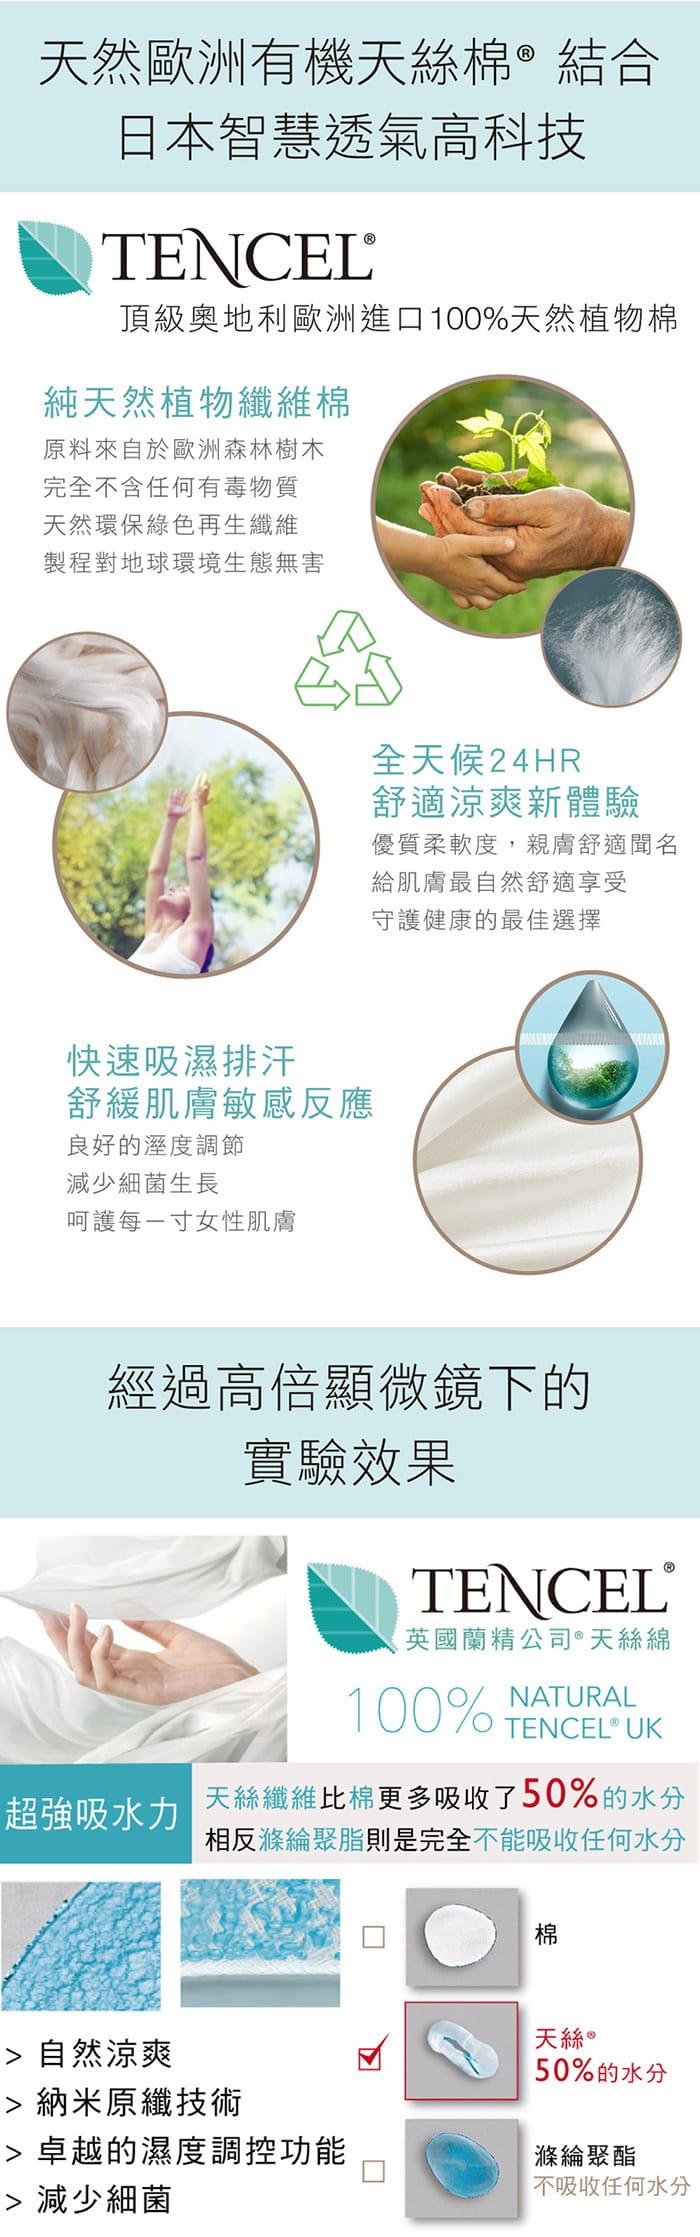 【樂活人生LOHAS】台灣製奧地利智慧科技吸汗快乾天絲棉運動內衣 5